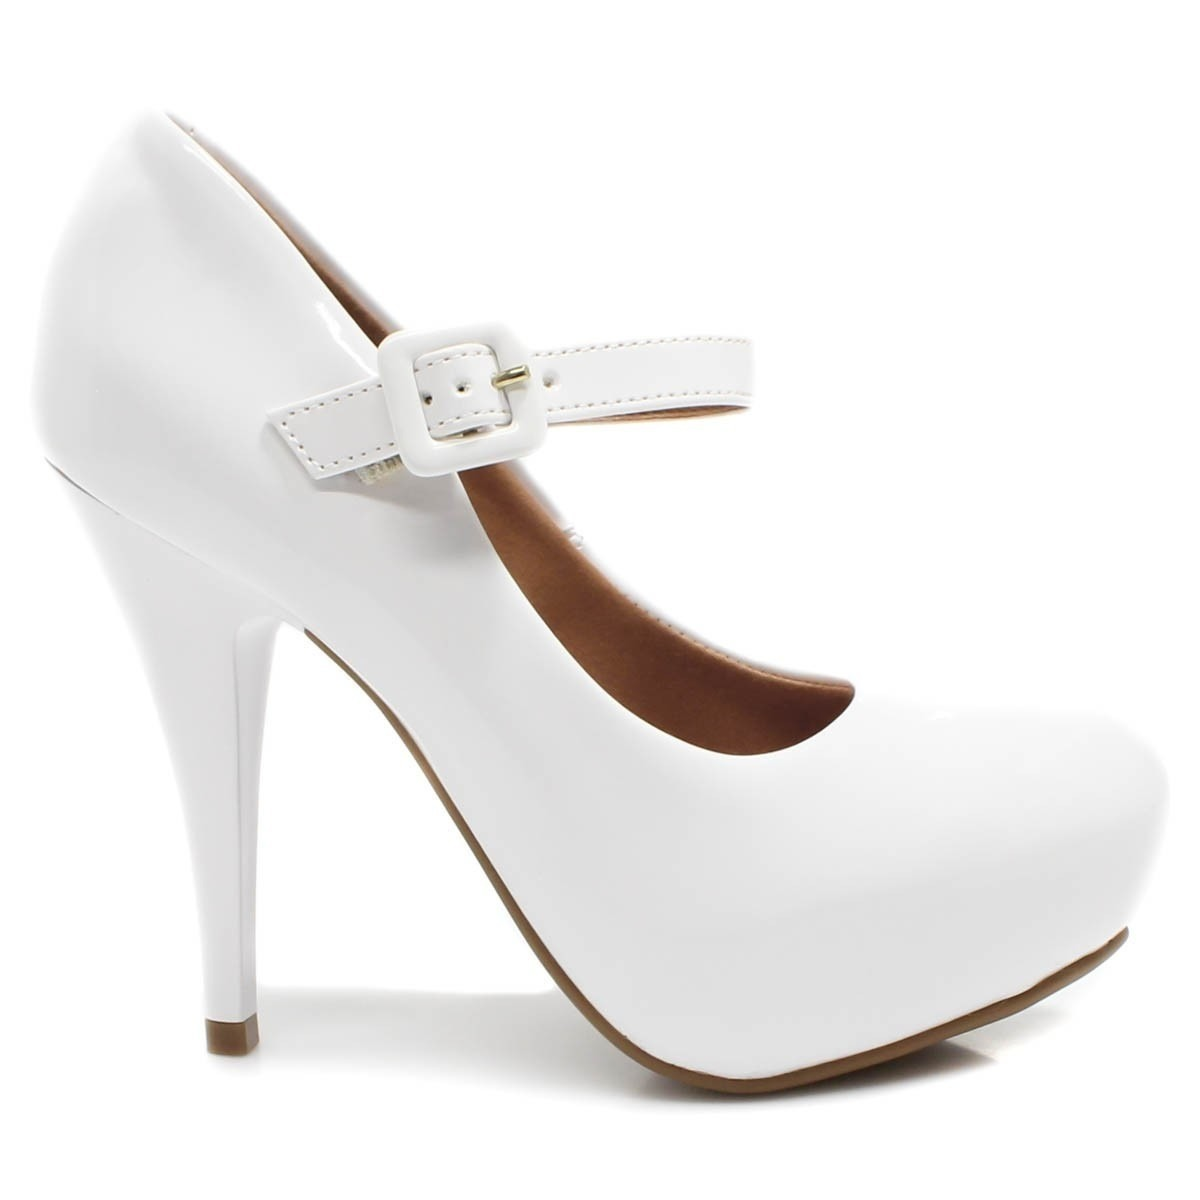 f75cdafc4 sapato feminino boneca salto alto vizzano casamento branco. Carregando zoom.